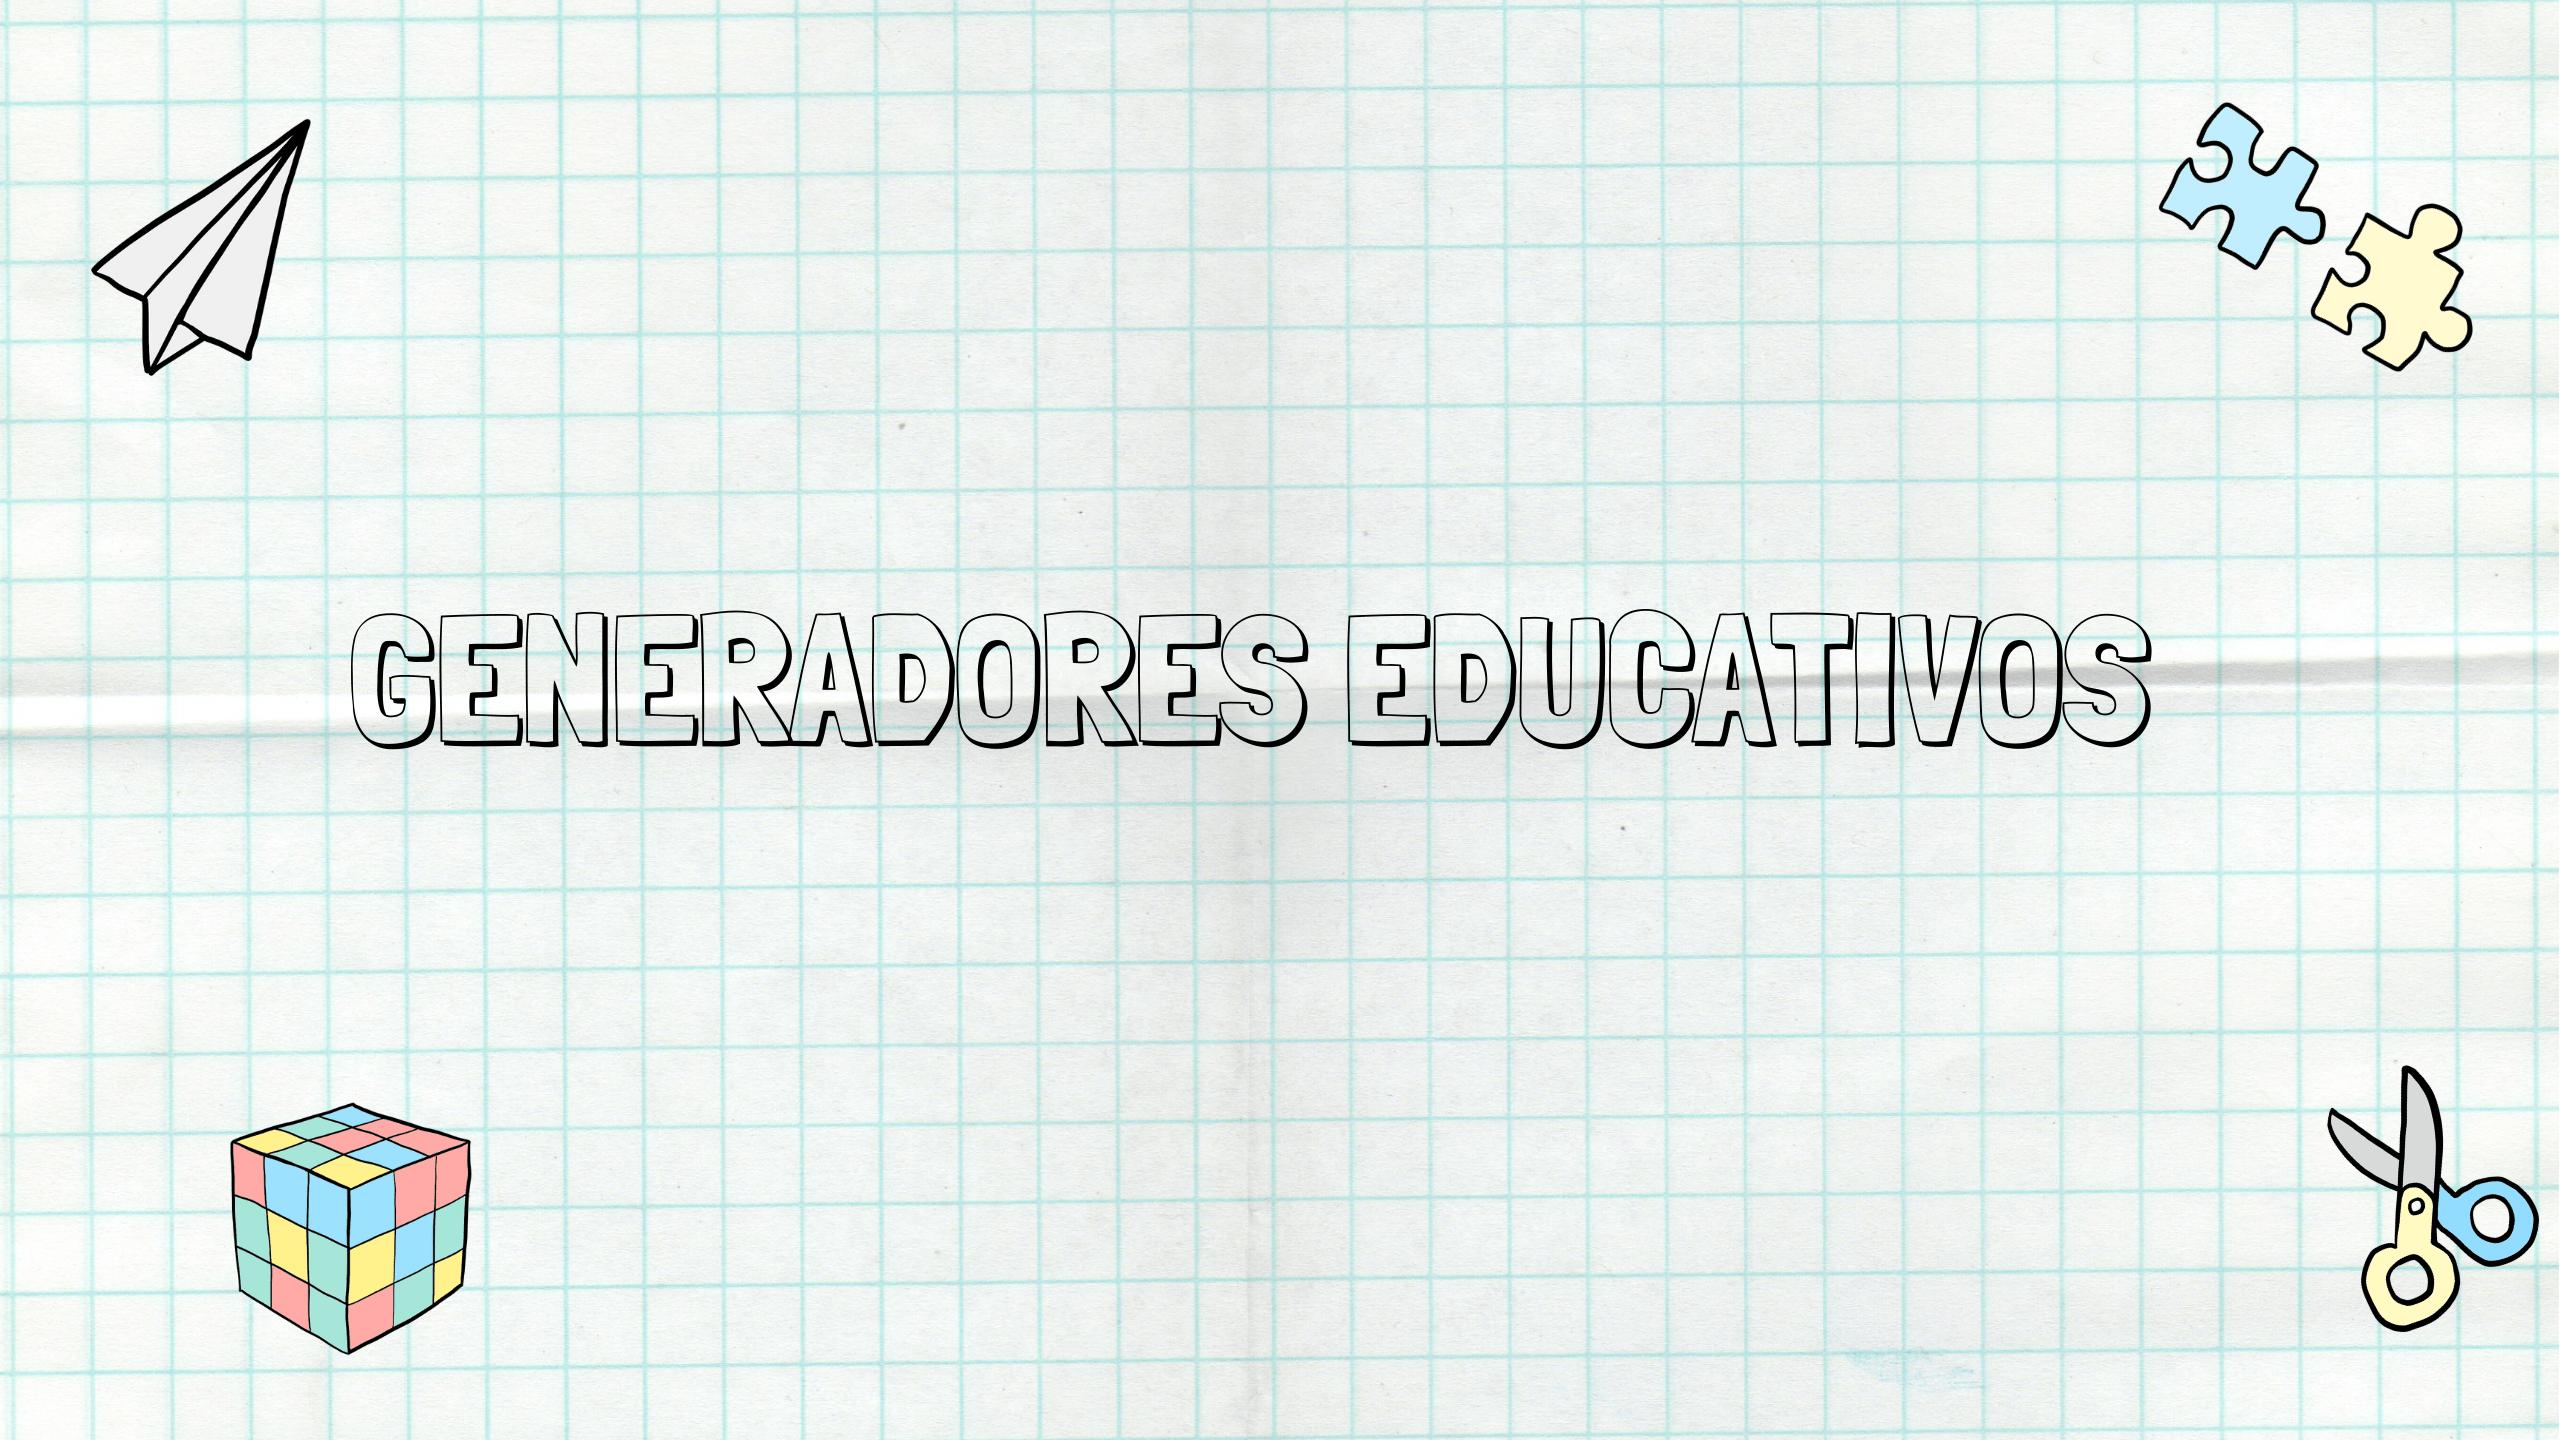 generadores educativos